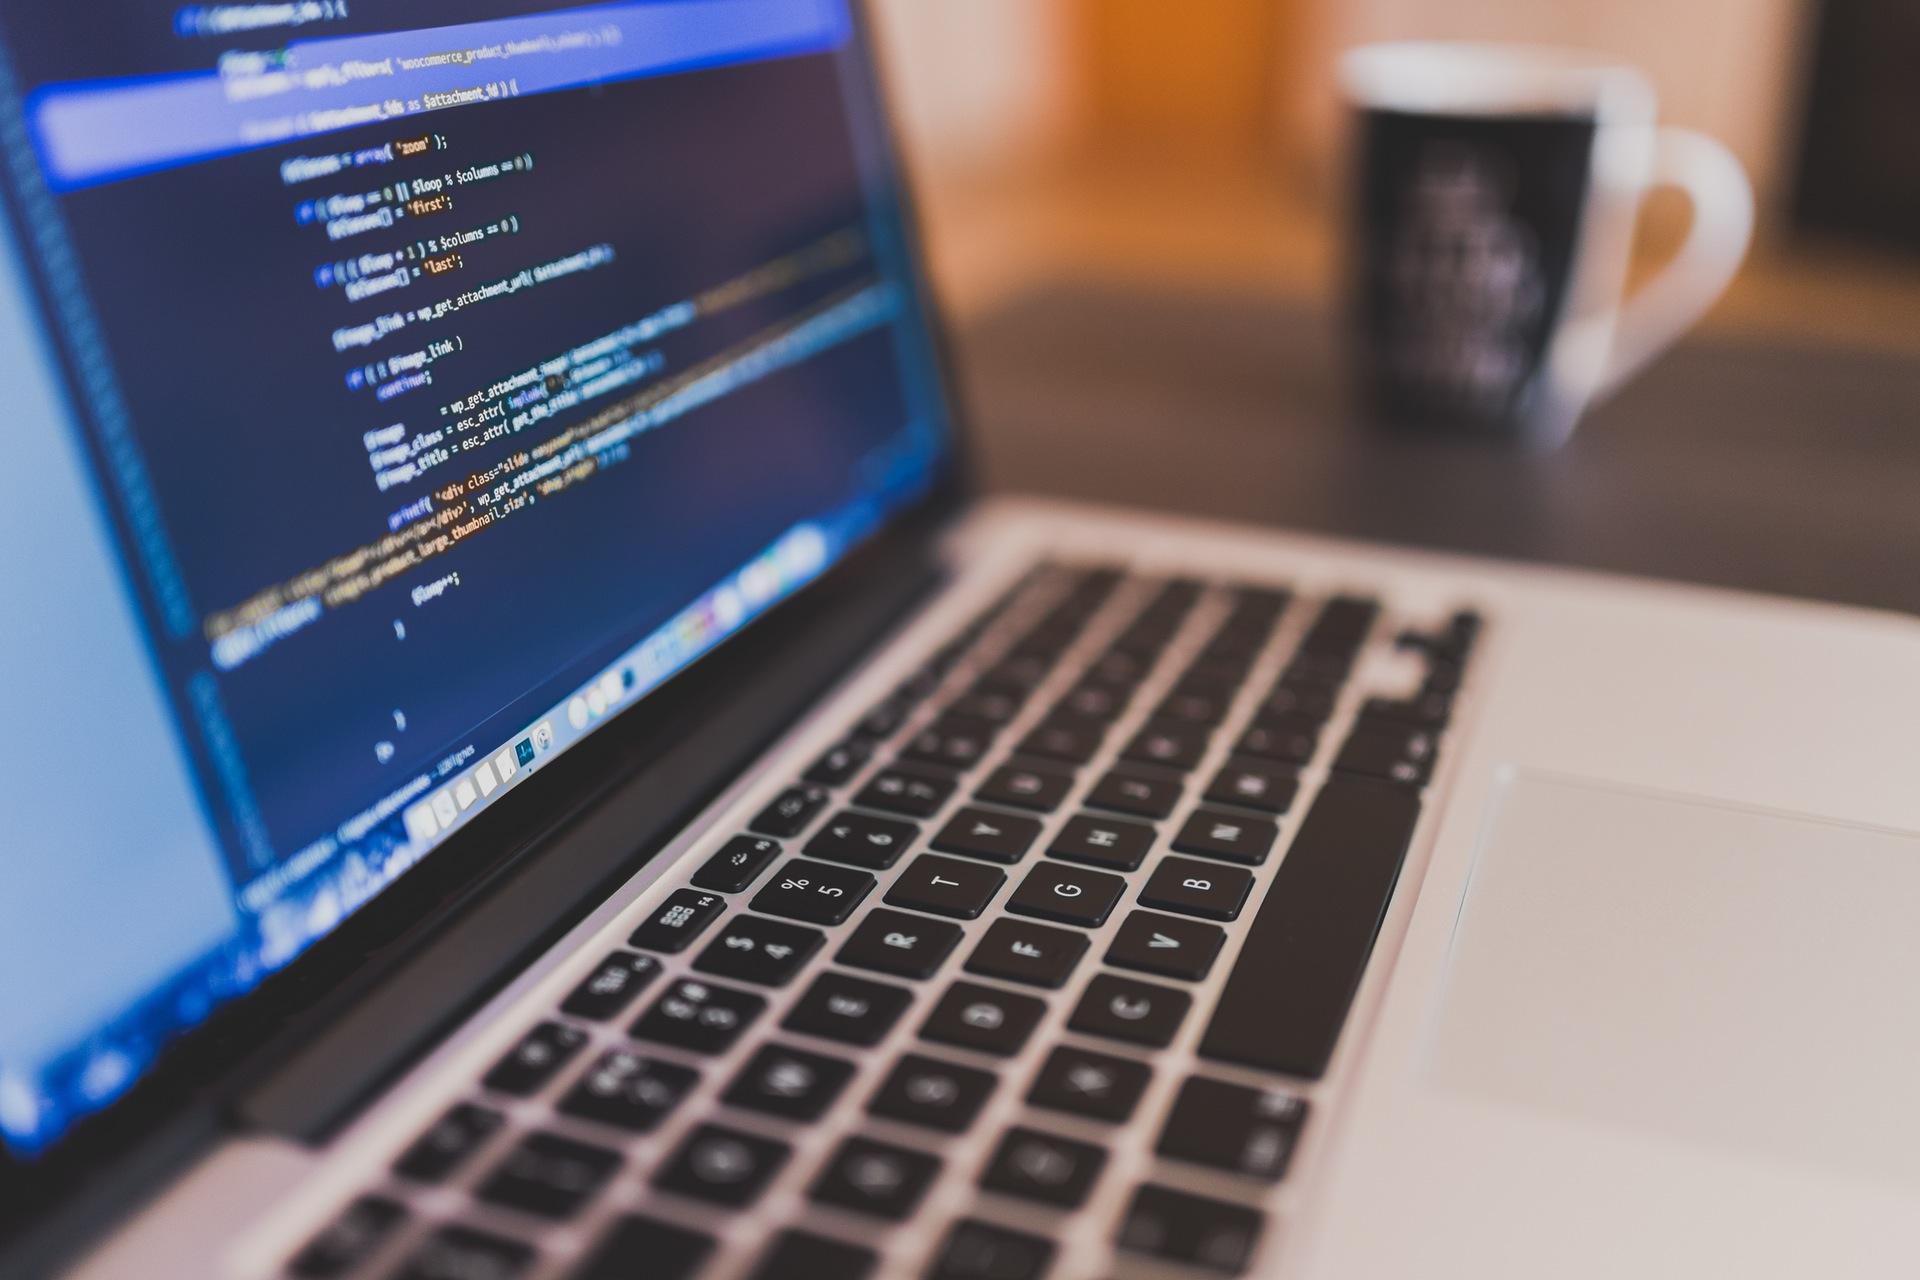 Портативный, компьютер, Программирование, программное обеспечение, MacBook, код - Обои HD - Профессор falken.com